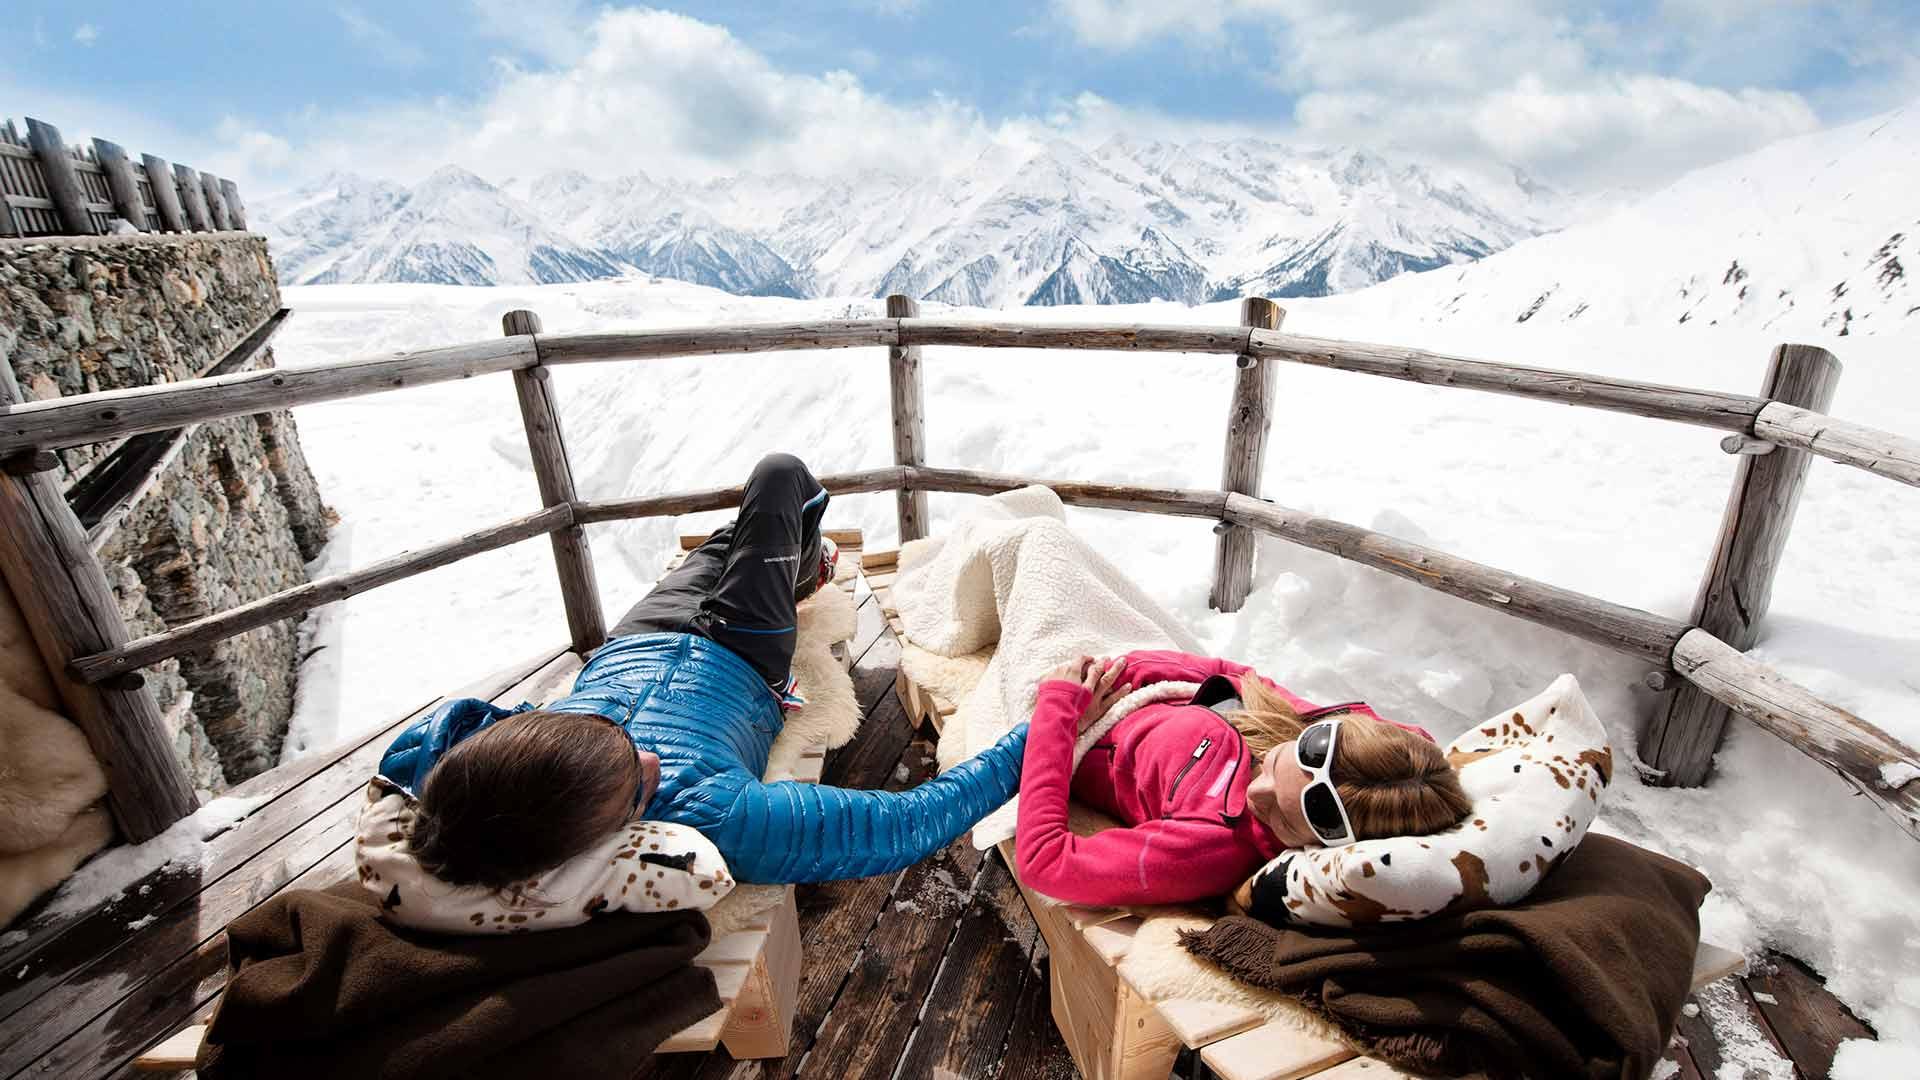 brixnerhof im zillertal, ski urlaub mit familie, winterurlaub, urlaub im zillertal, zillertal